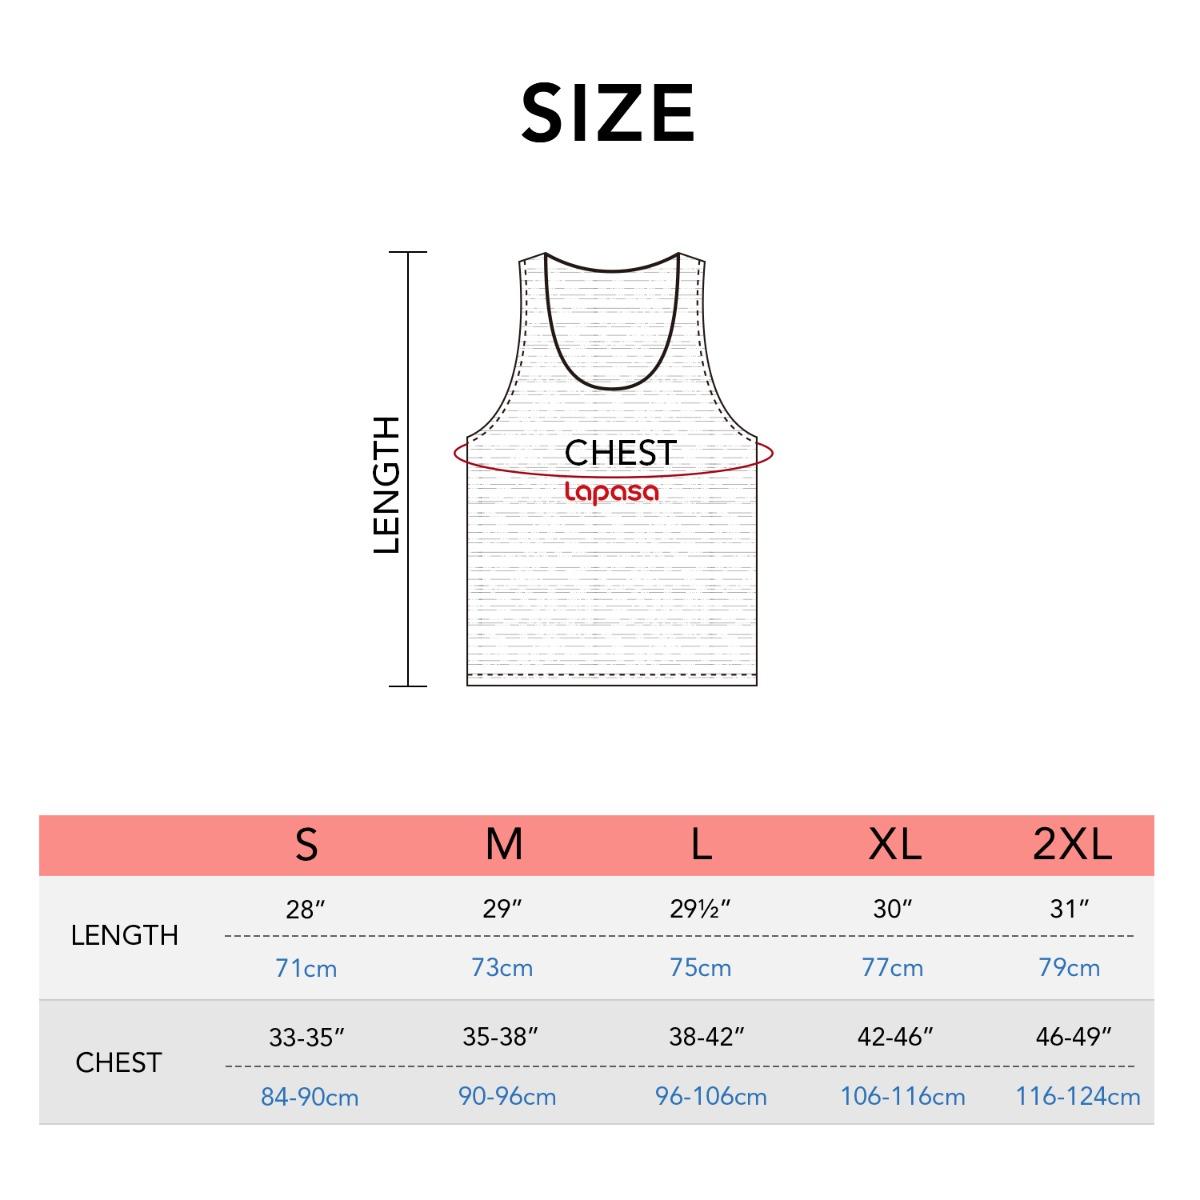 M36 size chart